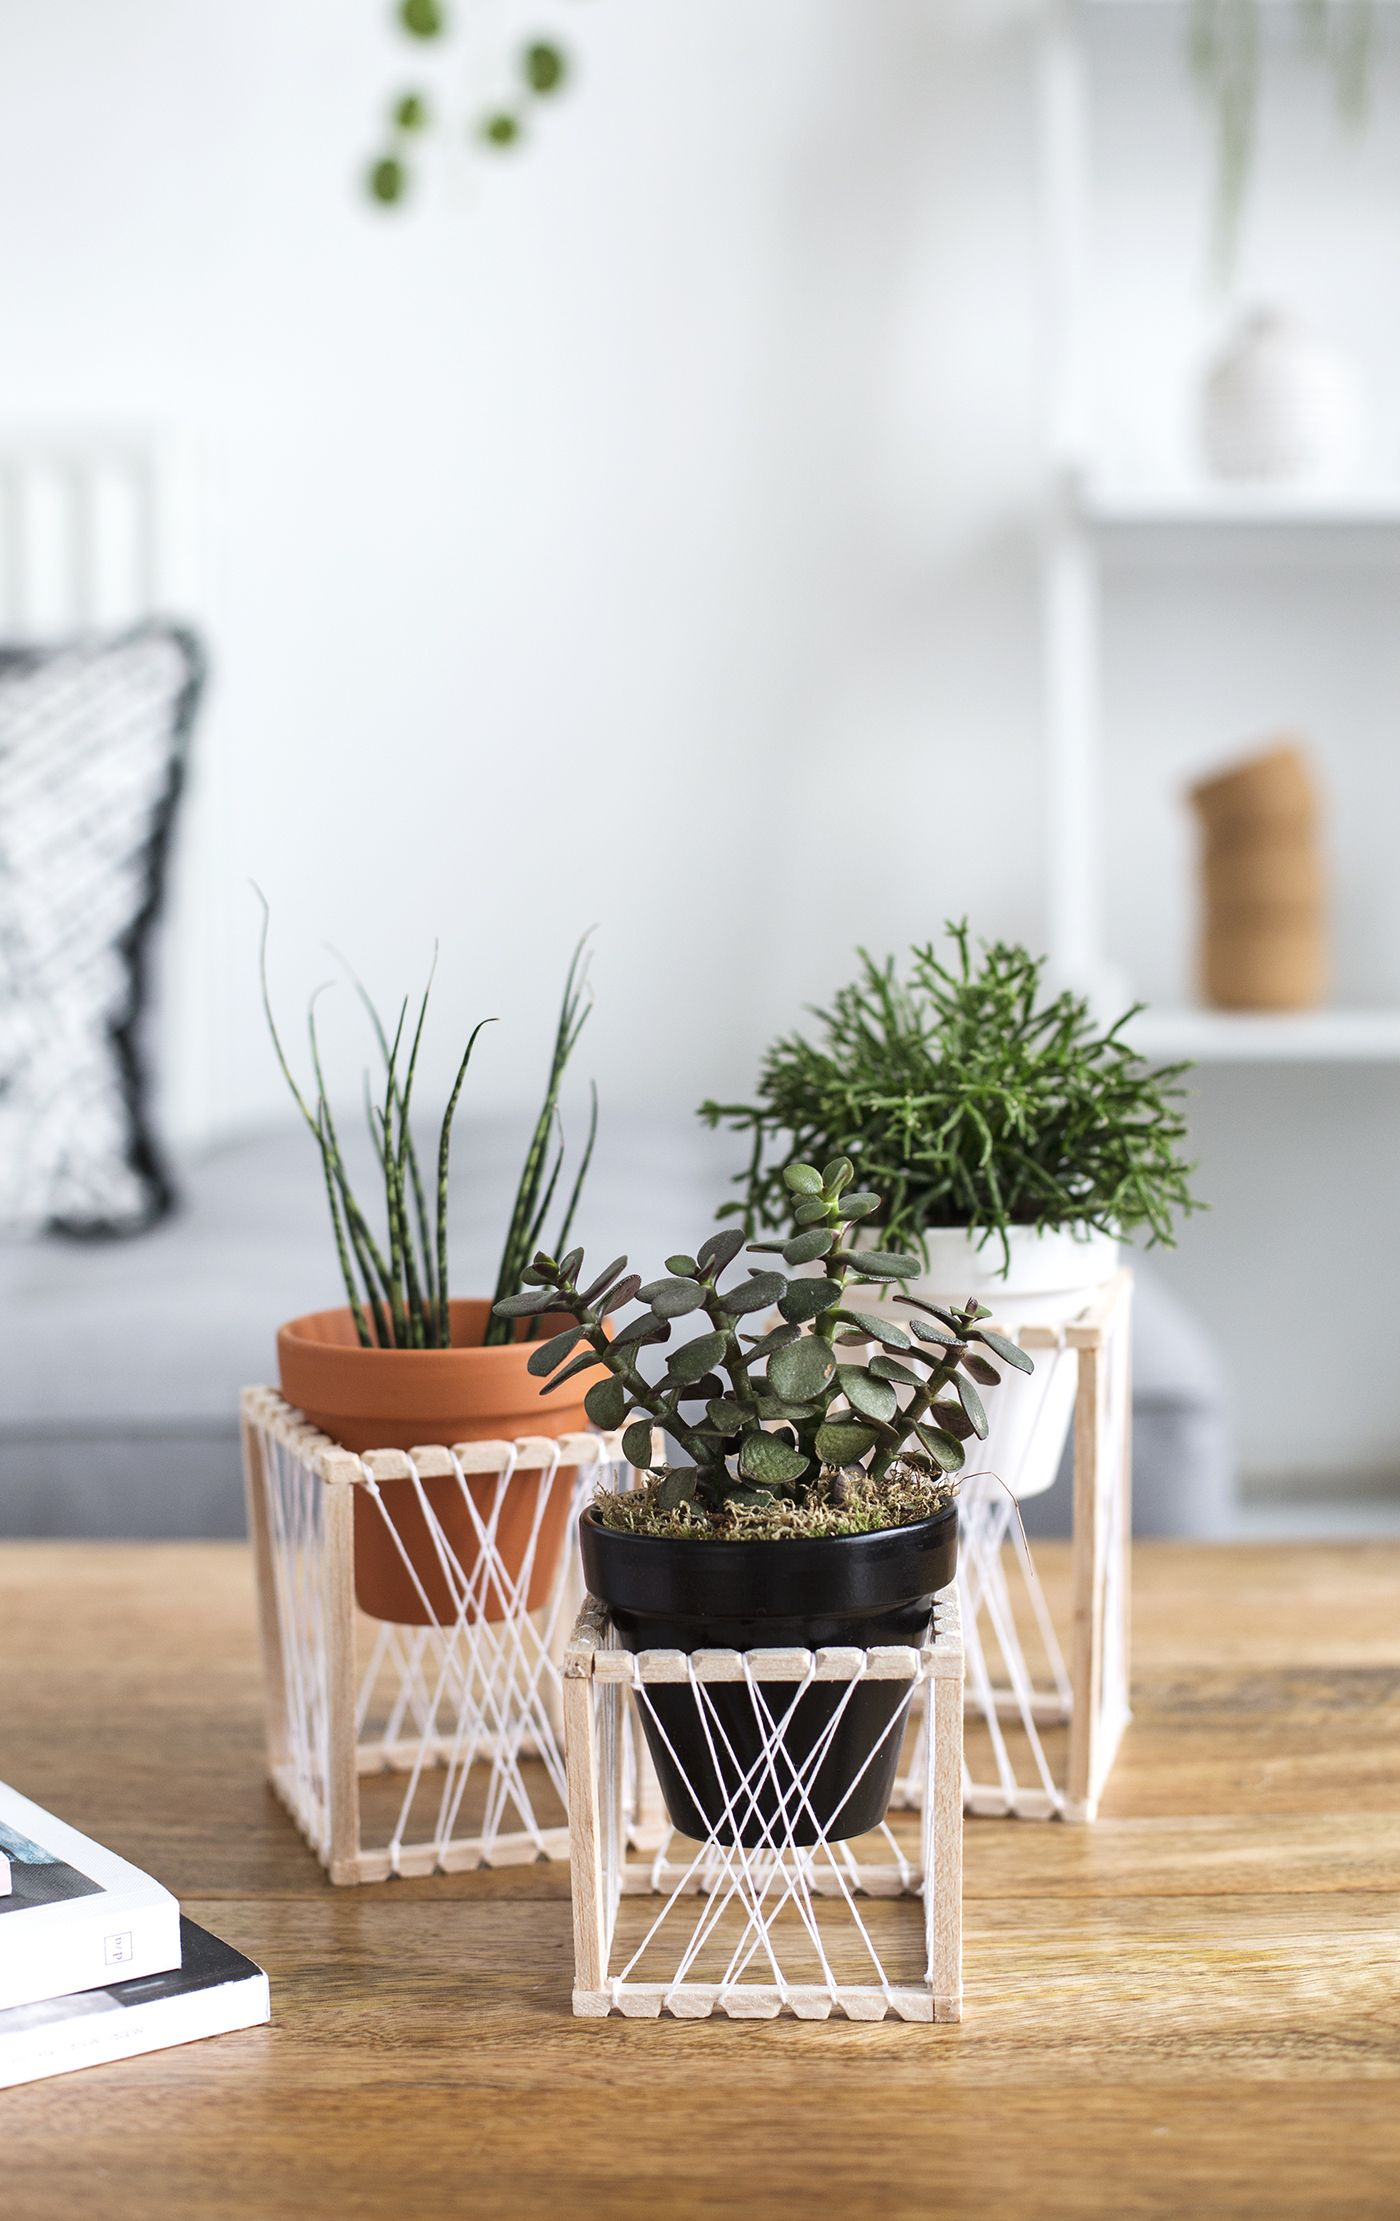 Bonitos Soportes Para Macetas Decorar Con Plantas Pinterest  # Muebles Soporte Para Macetas